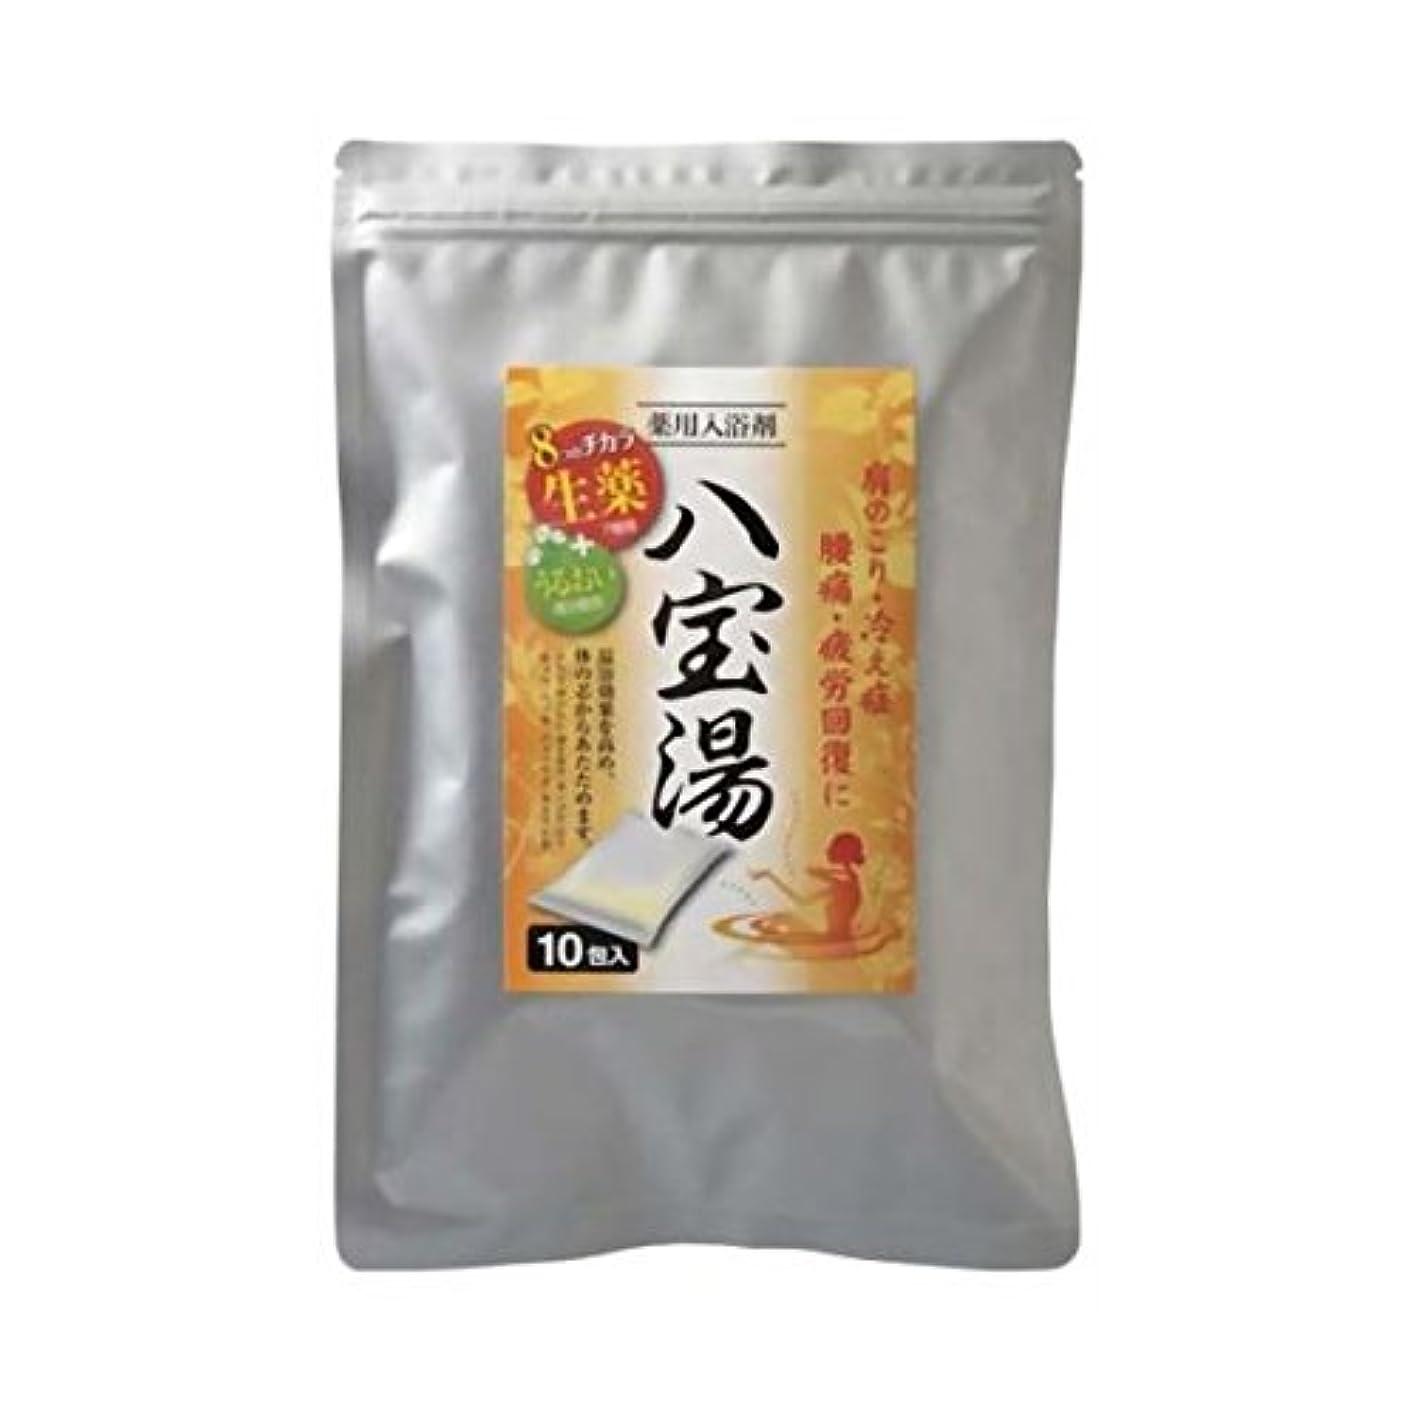 山積みの北米文房具【お徳用 3 セット】 薬用入浴剤 八宝湯 カモミールの香り 10包×3セット